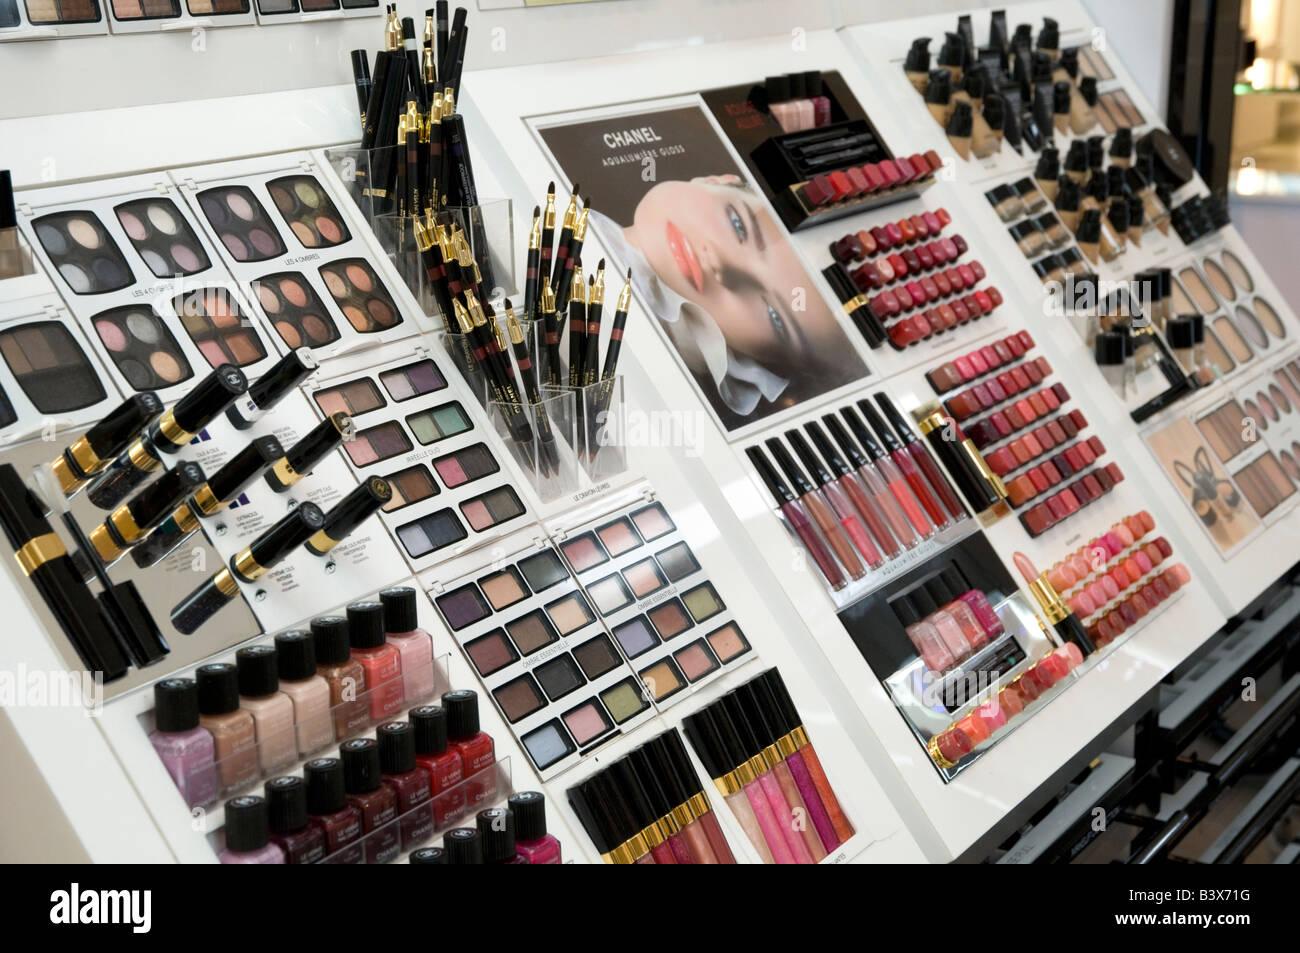 Chanel Kosmetik Zähler Stockbild